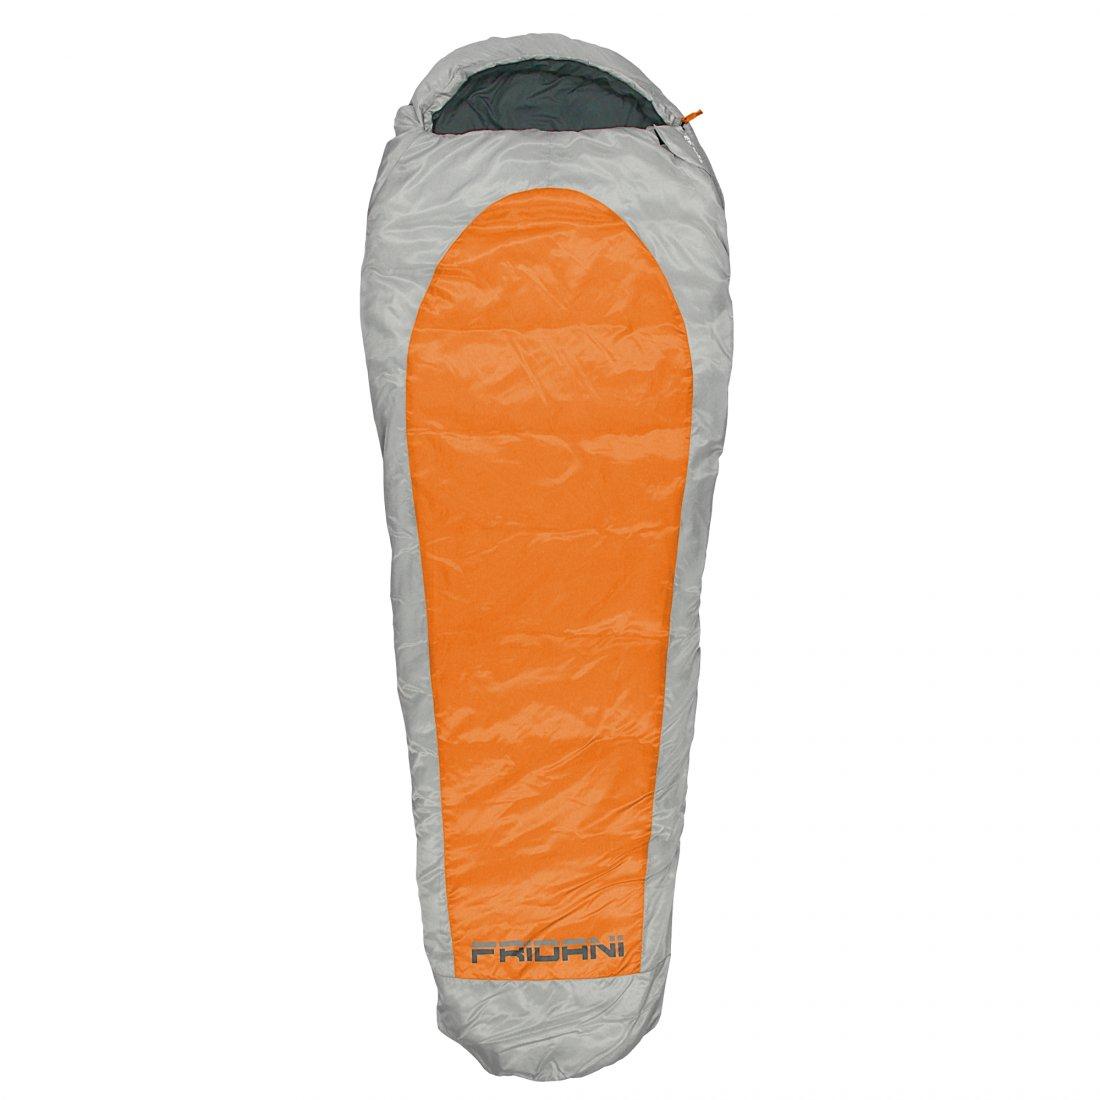 offizieller Verkauf speziell für Schuh High Fashion Fridani EO 235S - Mumien-Schlafsack, 235x85/55, 1900g, -20°C ...